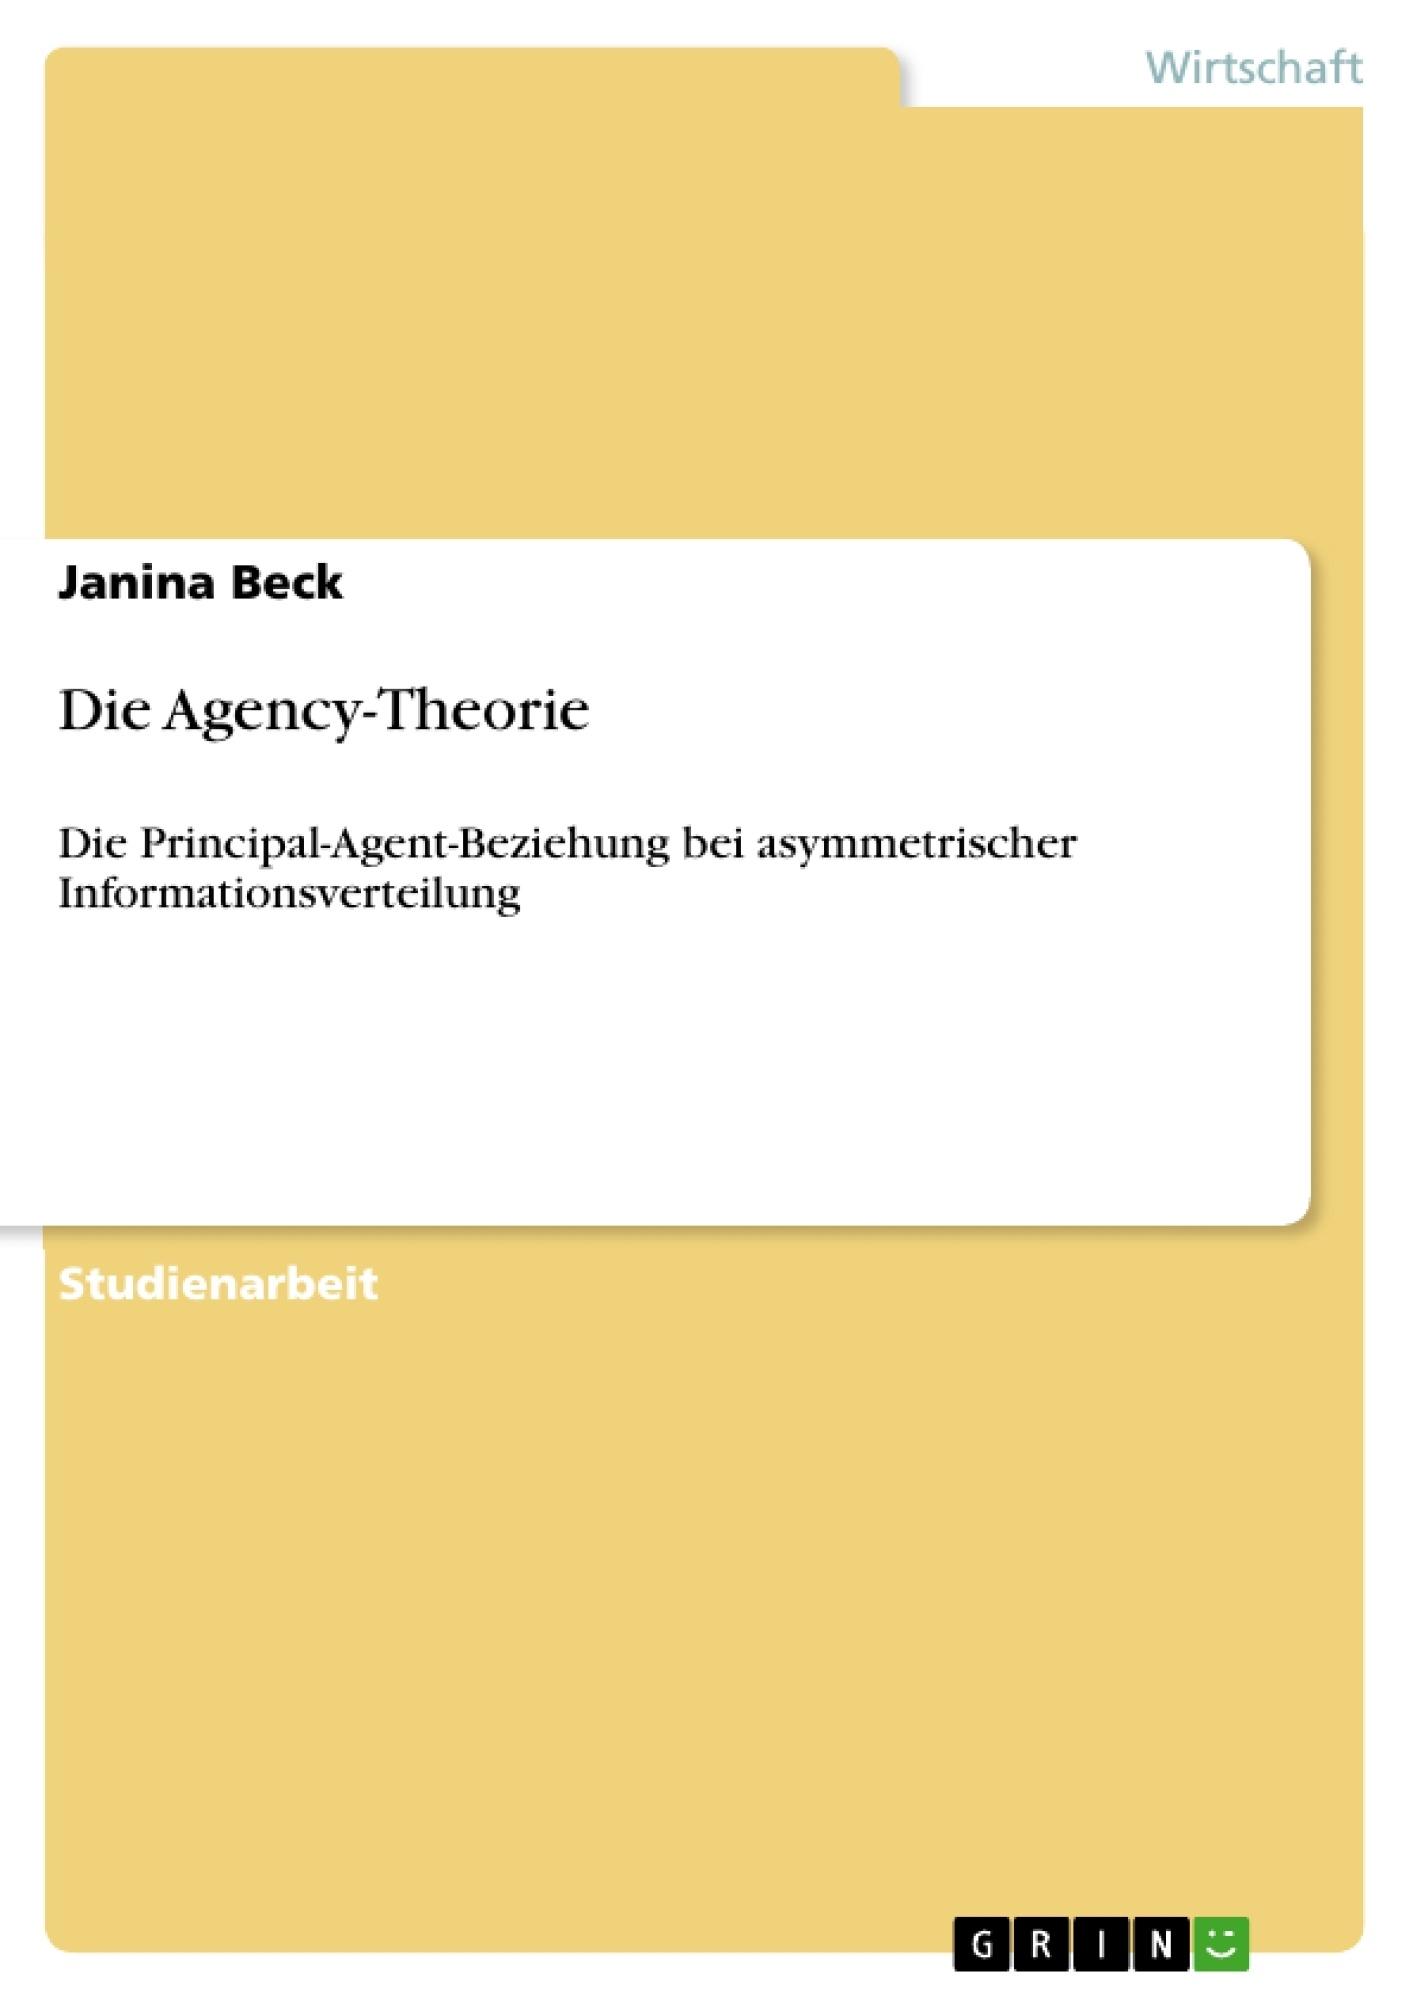 Titel: Die Agency-Theorie